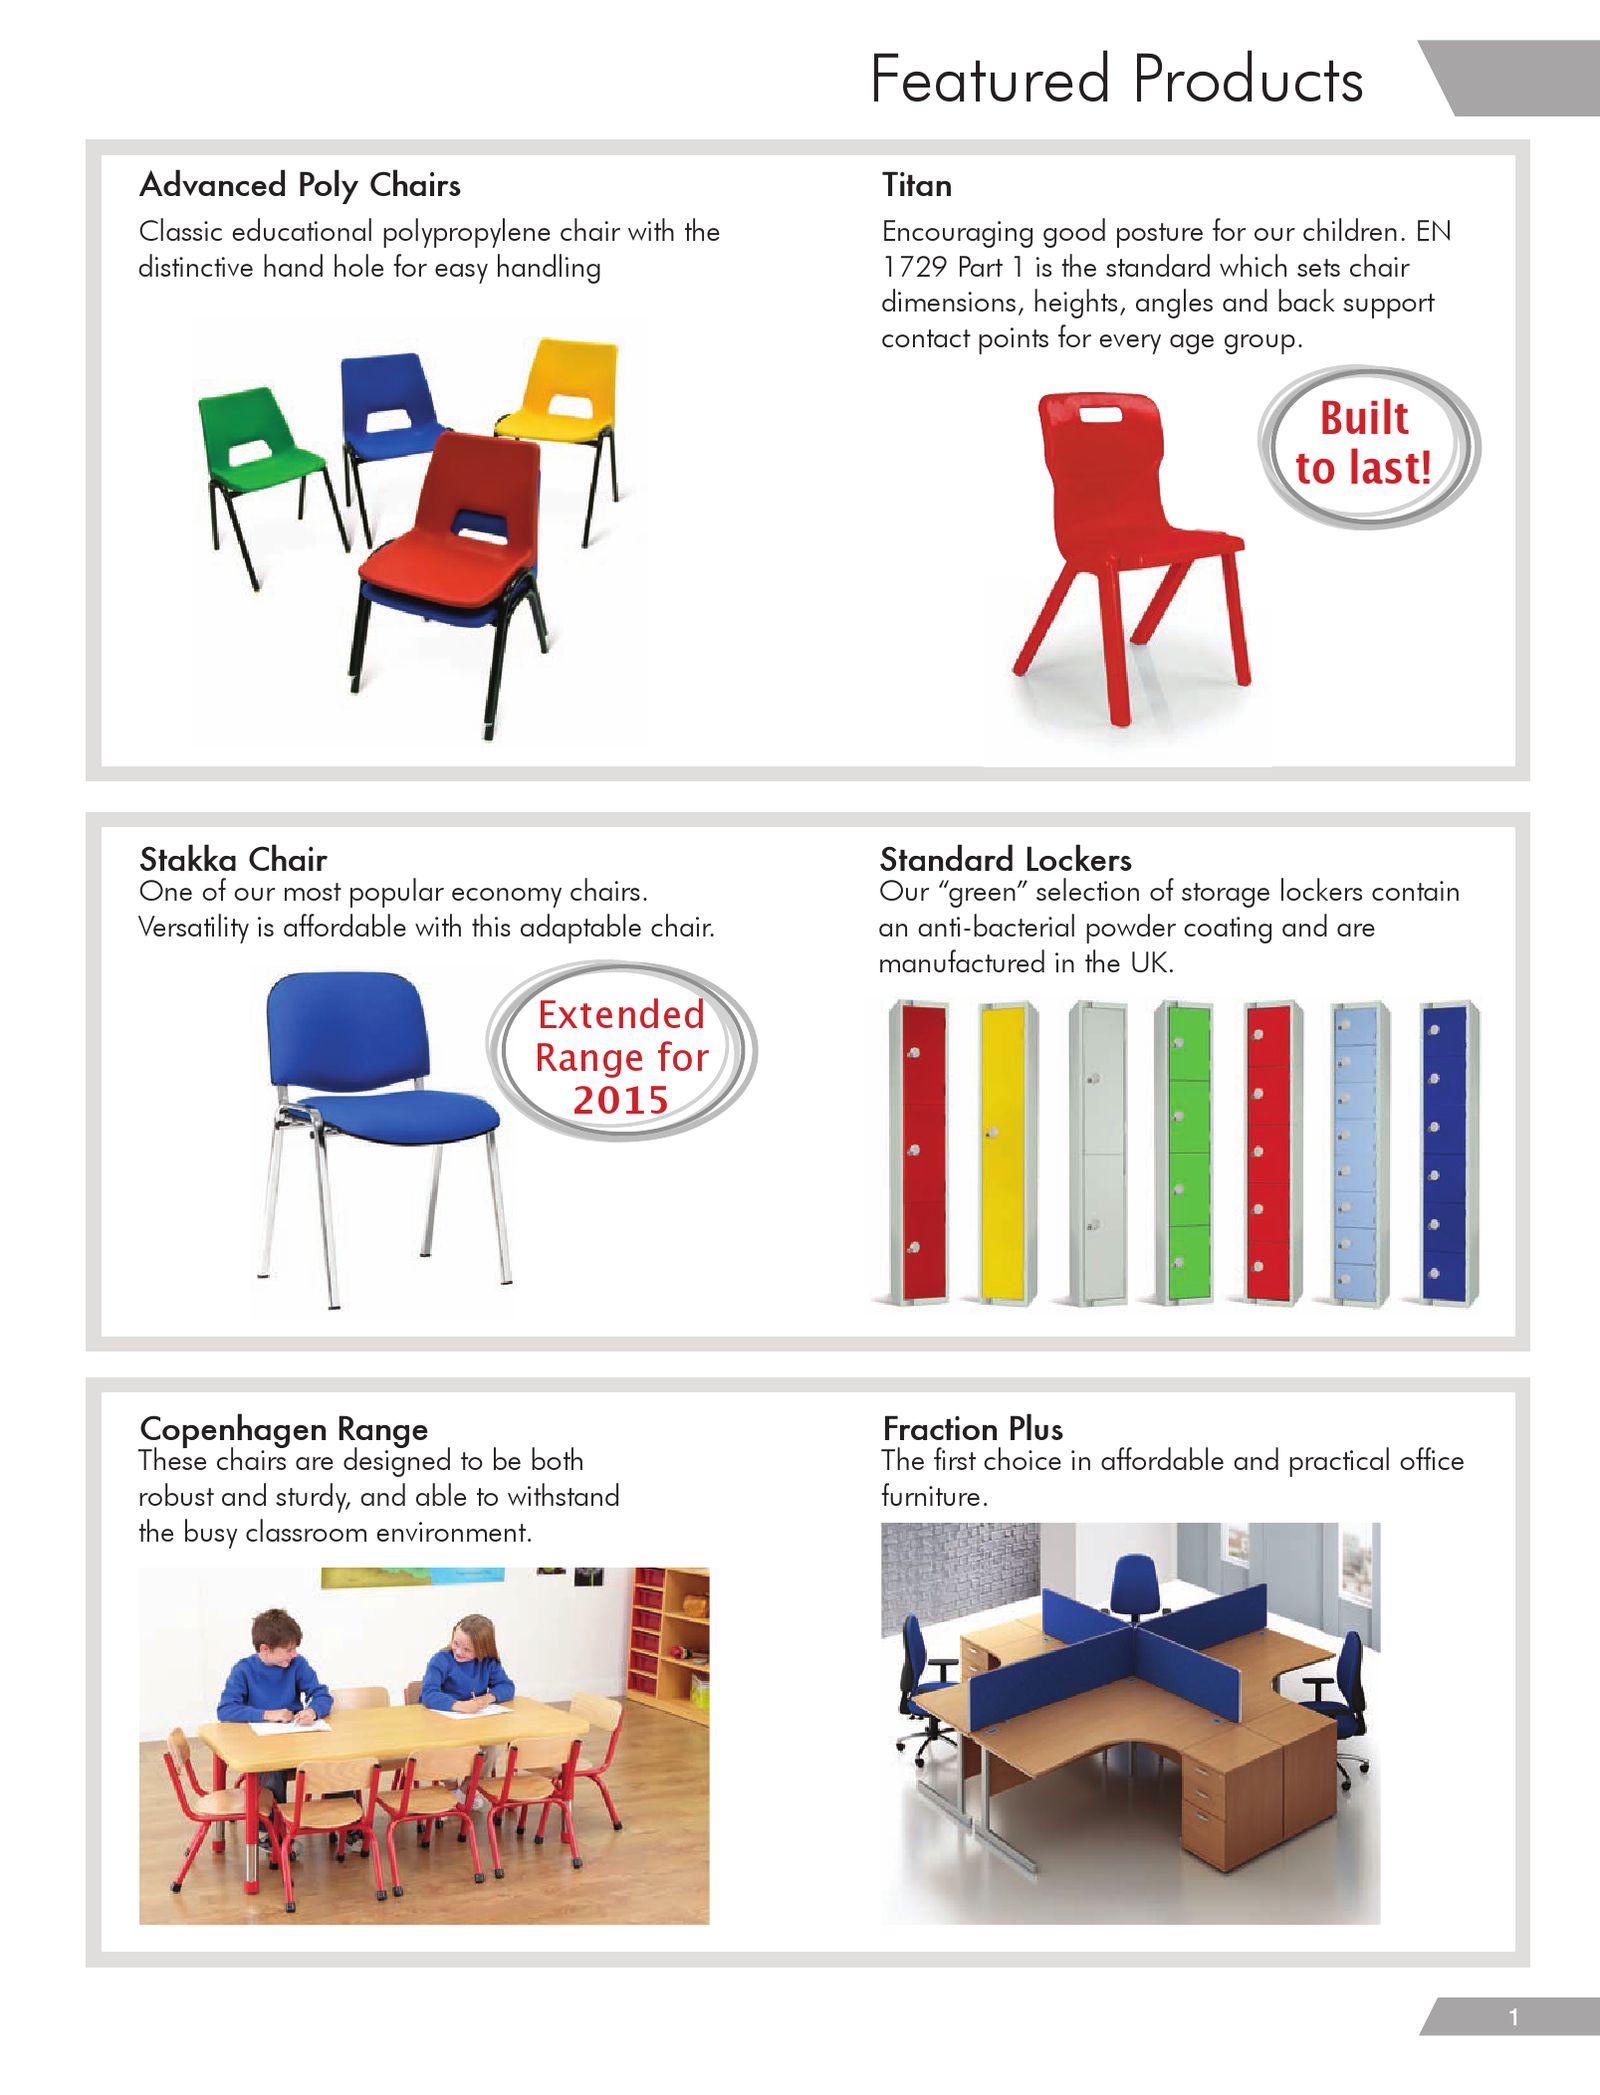 F4E Furniture4Education 2015 Catalogue.